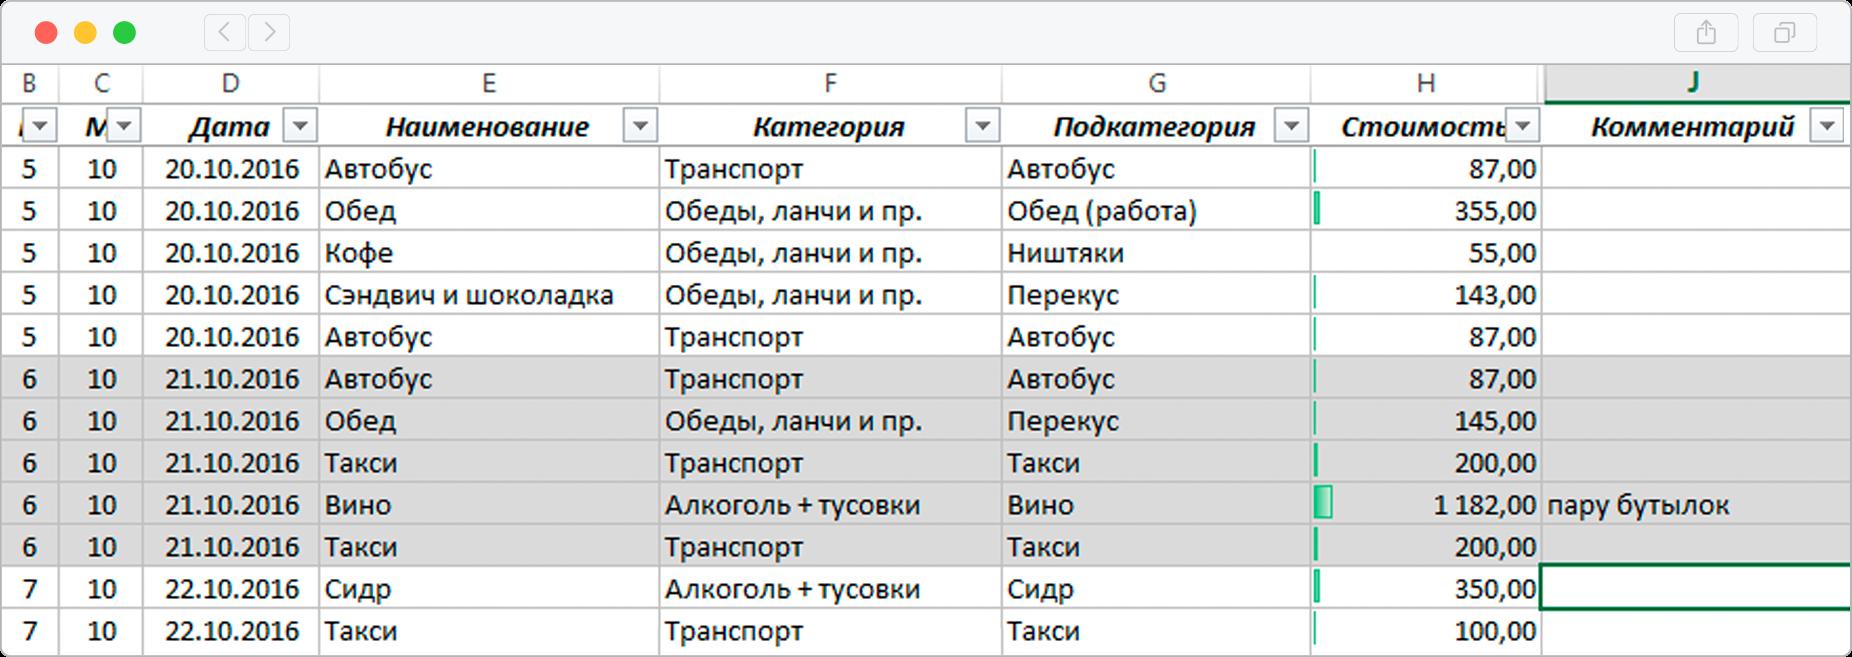 Первая версия таблицы. Вкладка для учета повседневных расходов